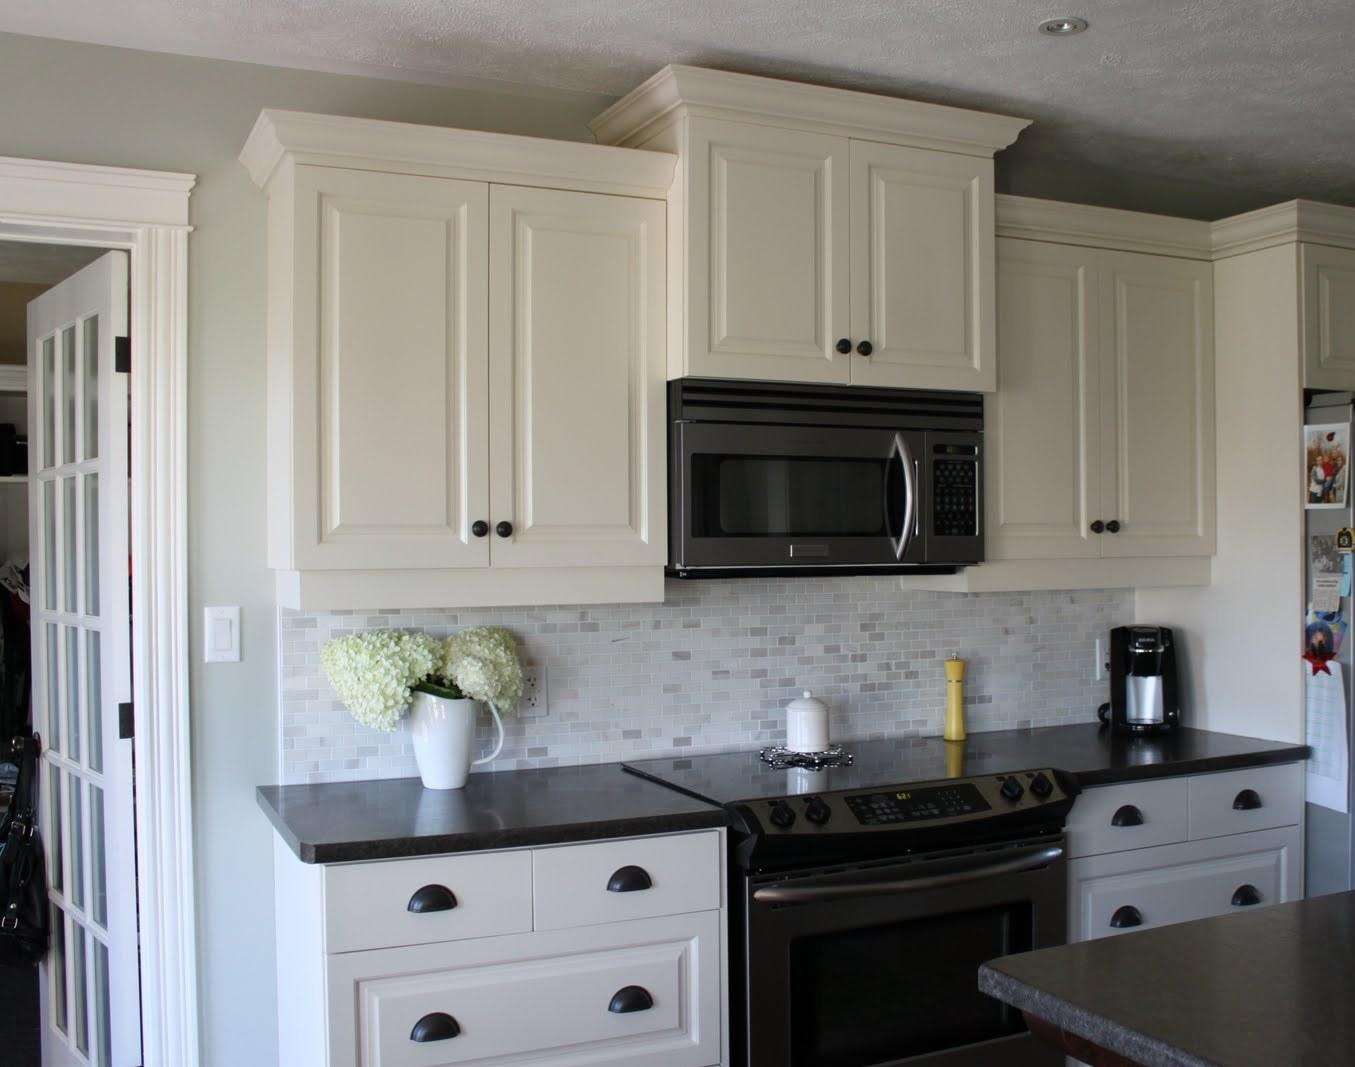 Dark cabinets white backsplash   Hawk Haven on Backsplash Ideas For Dark Cabinets  id=74294